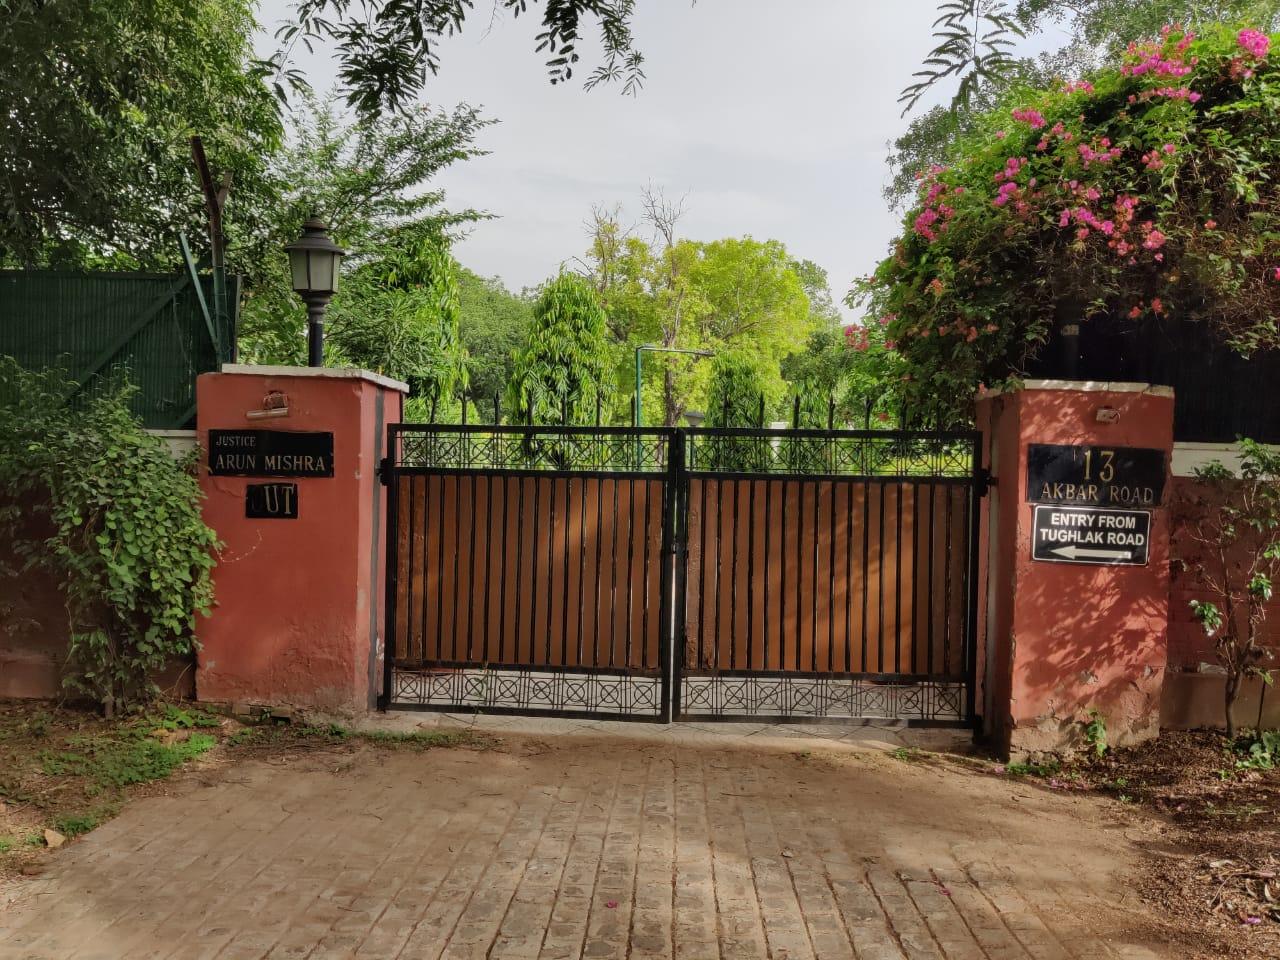 नई दिल्ली में 13 अकबर रोड स्थित रिटायर्ड जस्टिस अरुण मिश्रा का वह मकान, जो 9 महीने तक खाली नहीं कराया गया था।